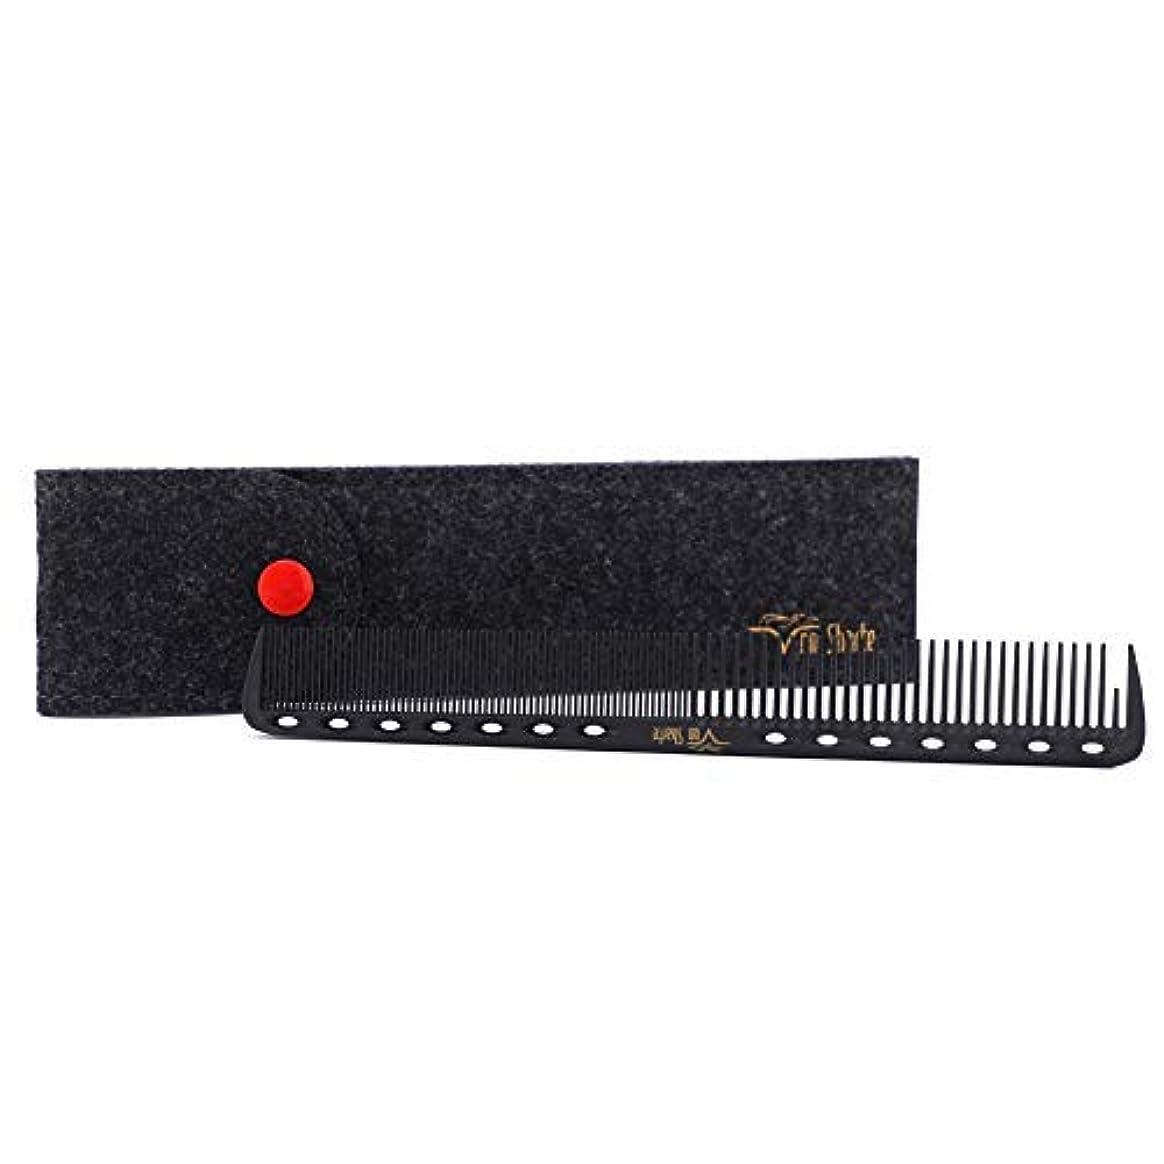 無視する瞑想的オーストラリア人Barber Comb,Hair Cutting Combs Carbon Fiber Salon Hairdressing Comb 100% Anti Static 230℃ Heat Resistant with Smooth Round Teeth Bristle for Hair Partition/Remove Knots/Hair Cutting/Dying/Styling [並行輸入品]